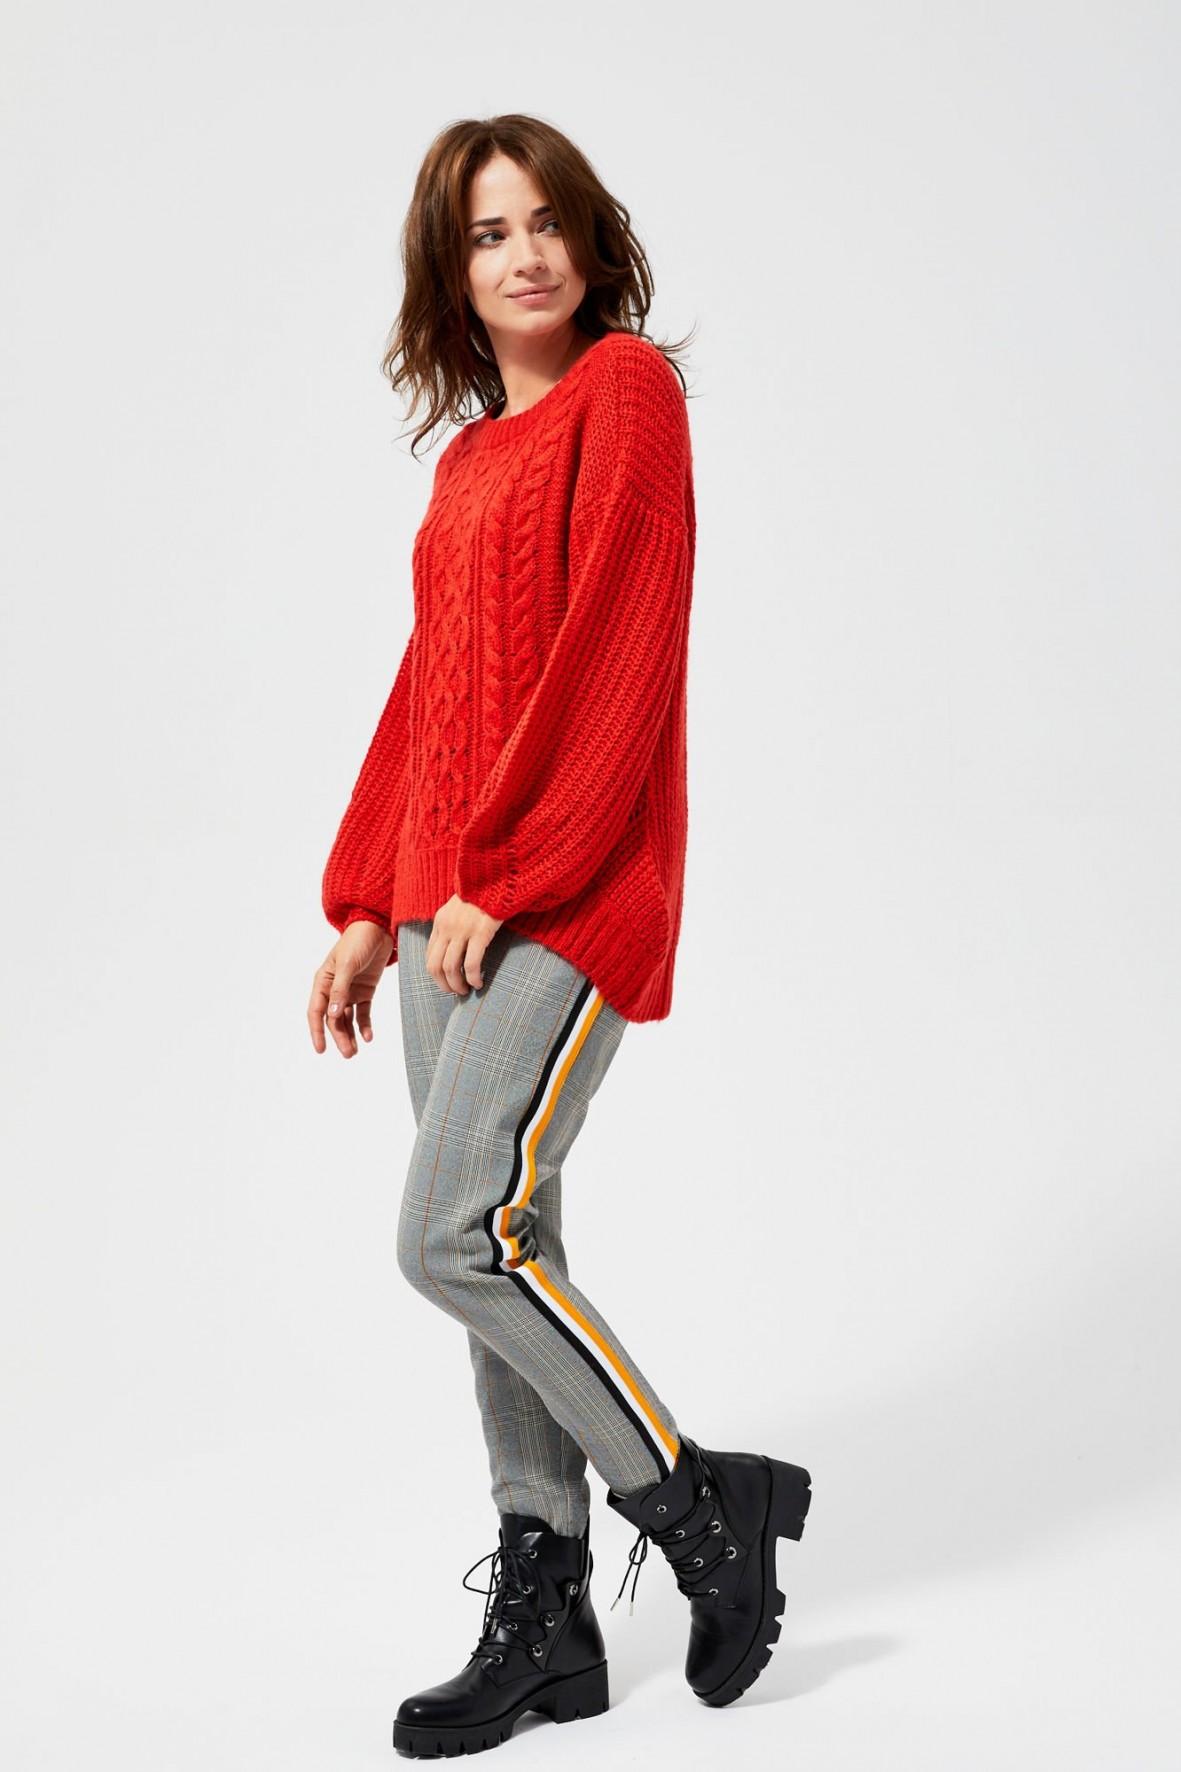 Czerwony sweter damski o wyraźnym splocie